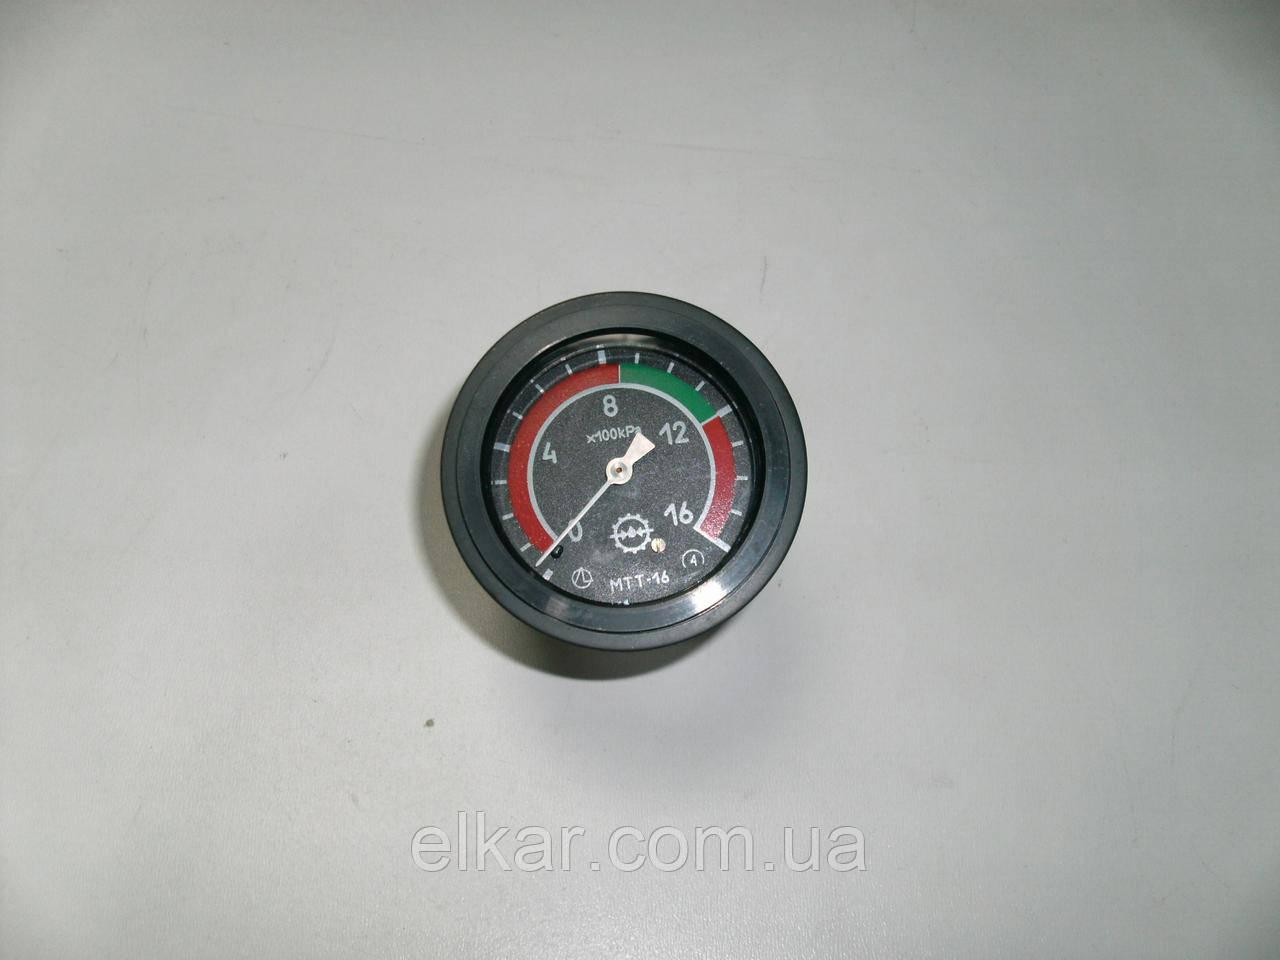 Покажчик тиску масла (16 атм.) Т-150, ХТЗ-17221 МТТ-16(вир-во Білорусь)